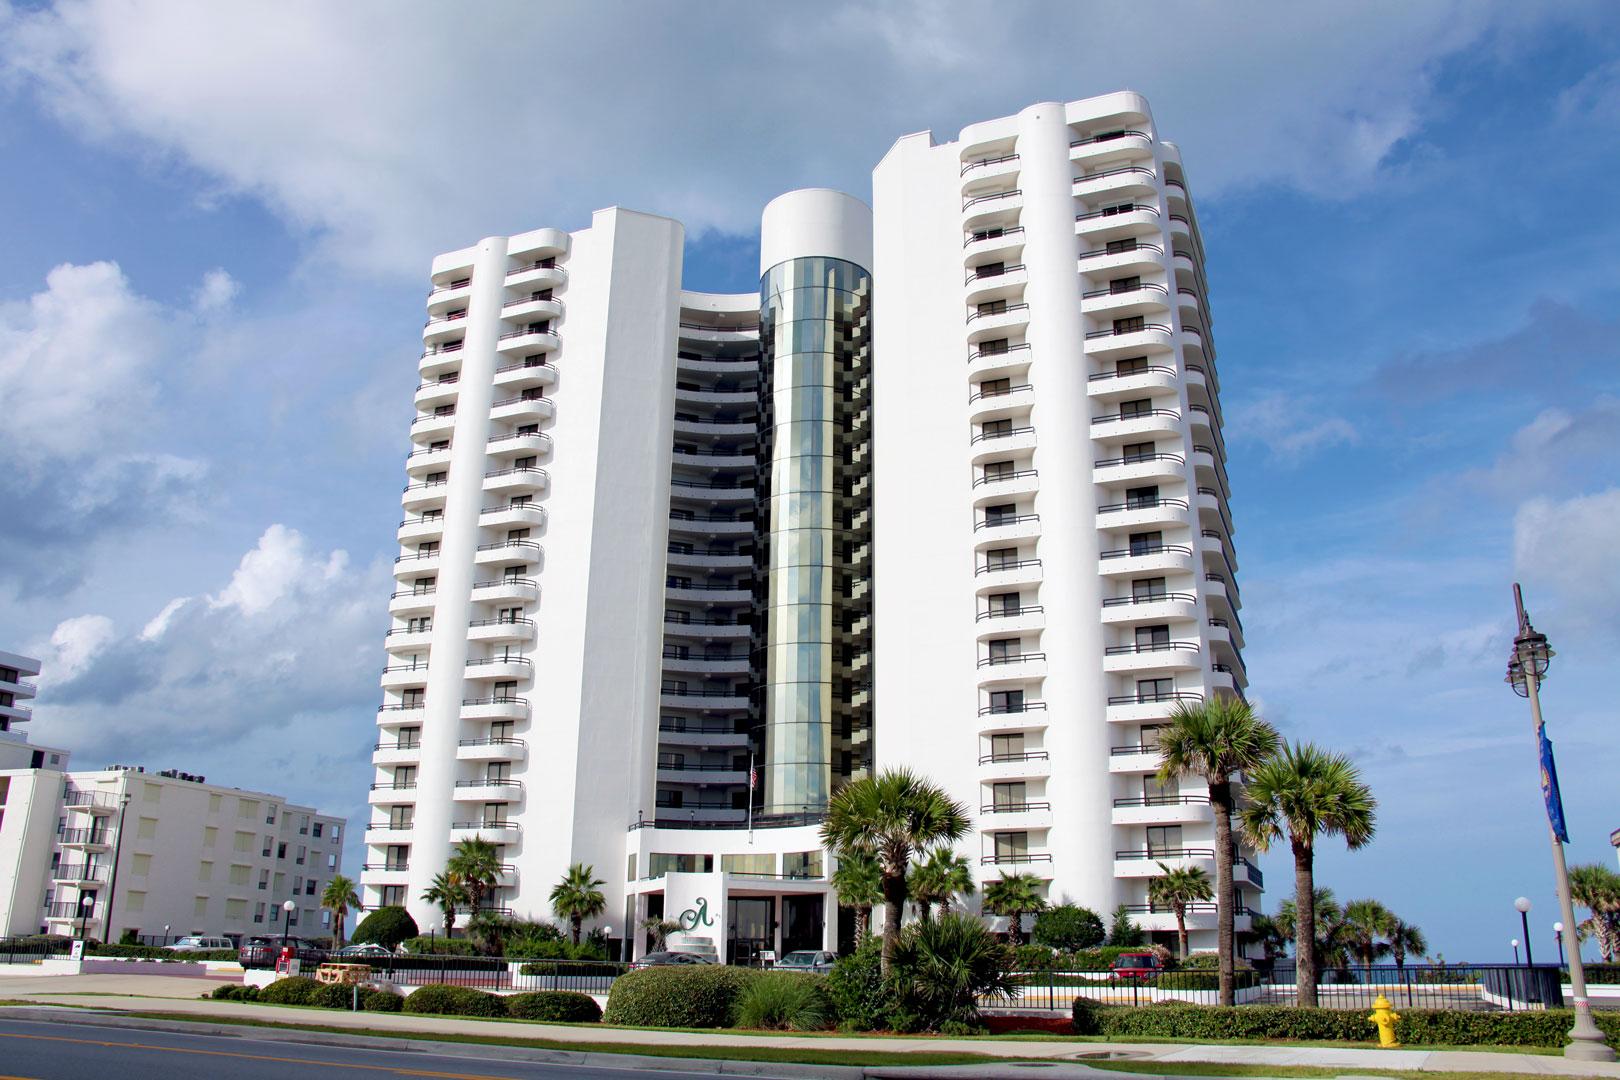 Ashley Condo Daytona Beach Shores